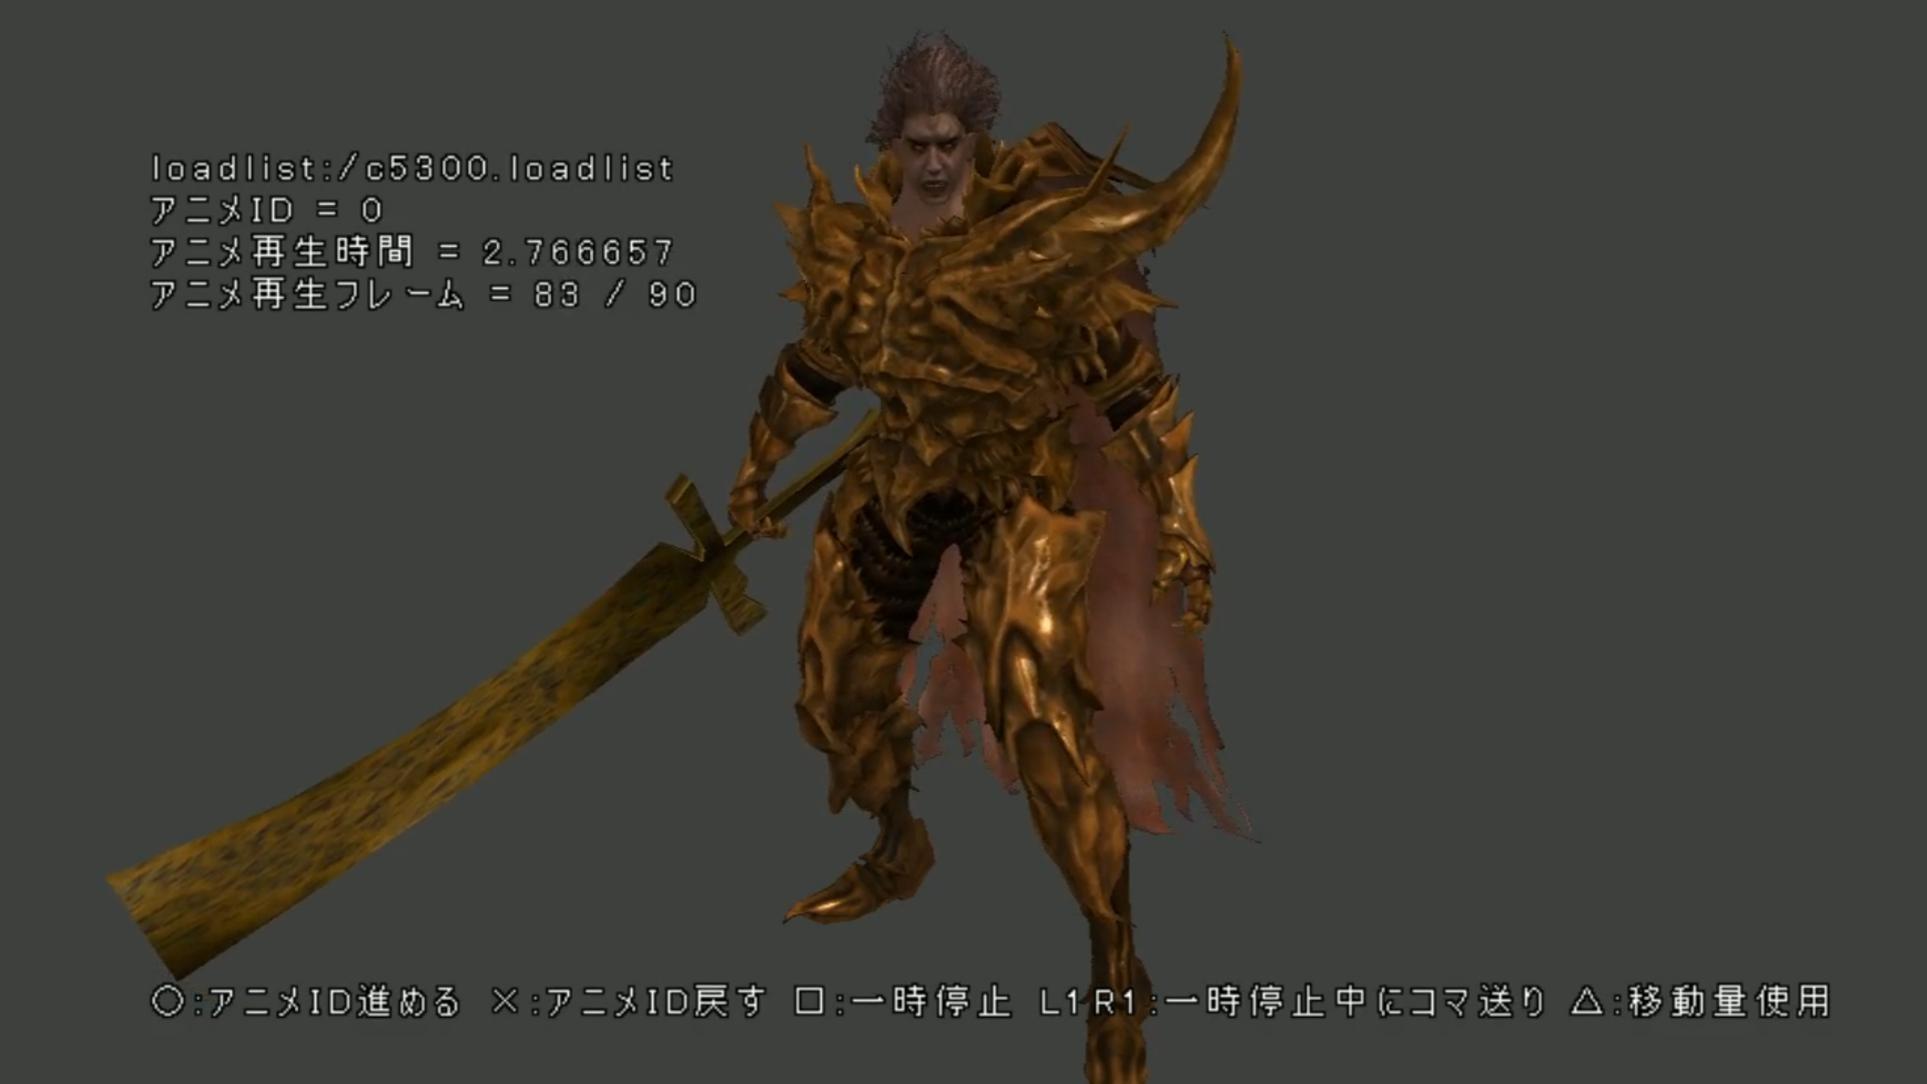 spear in anus